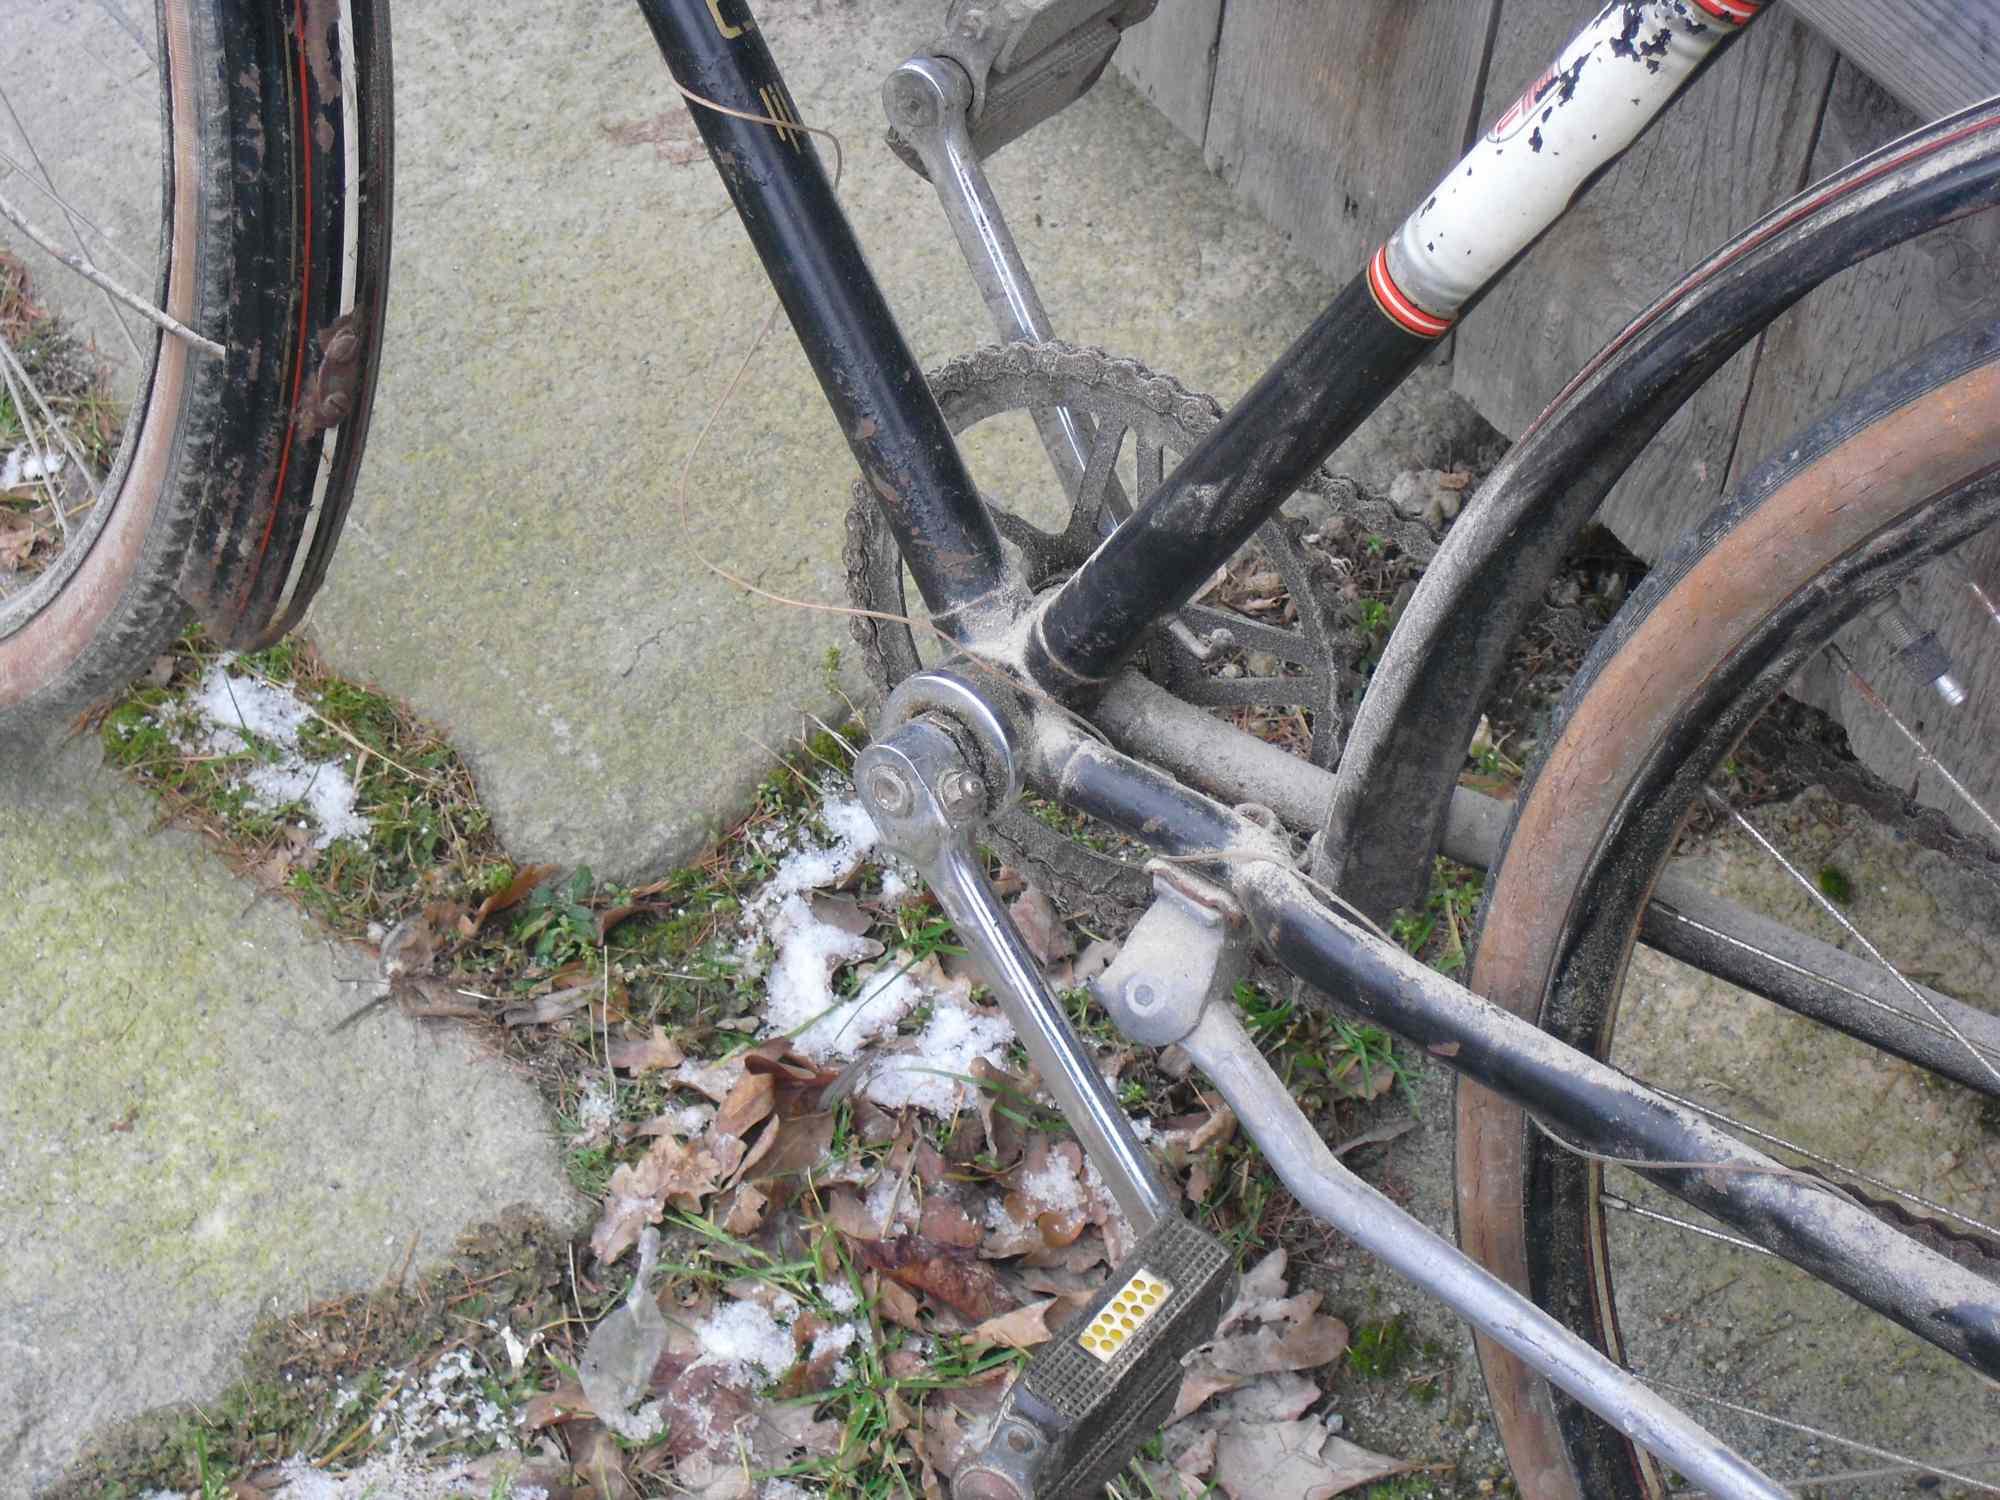 NSU Fahrradmarke, Markenware